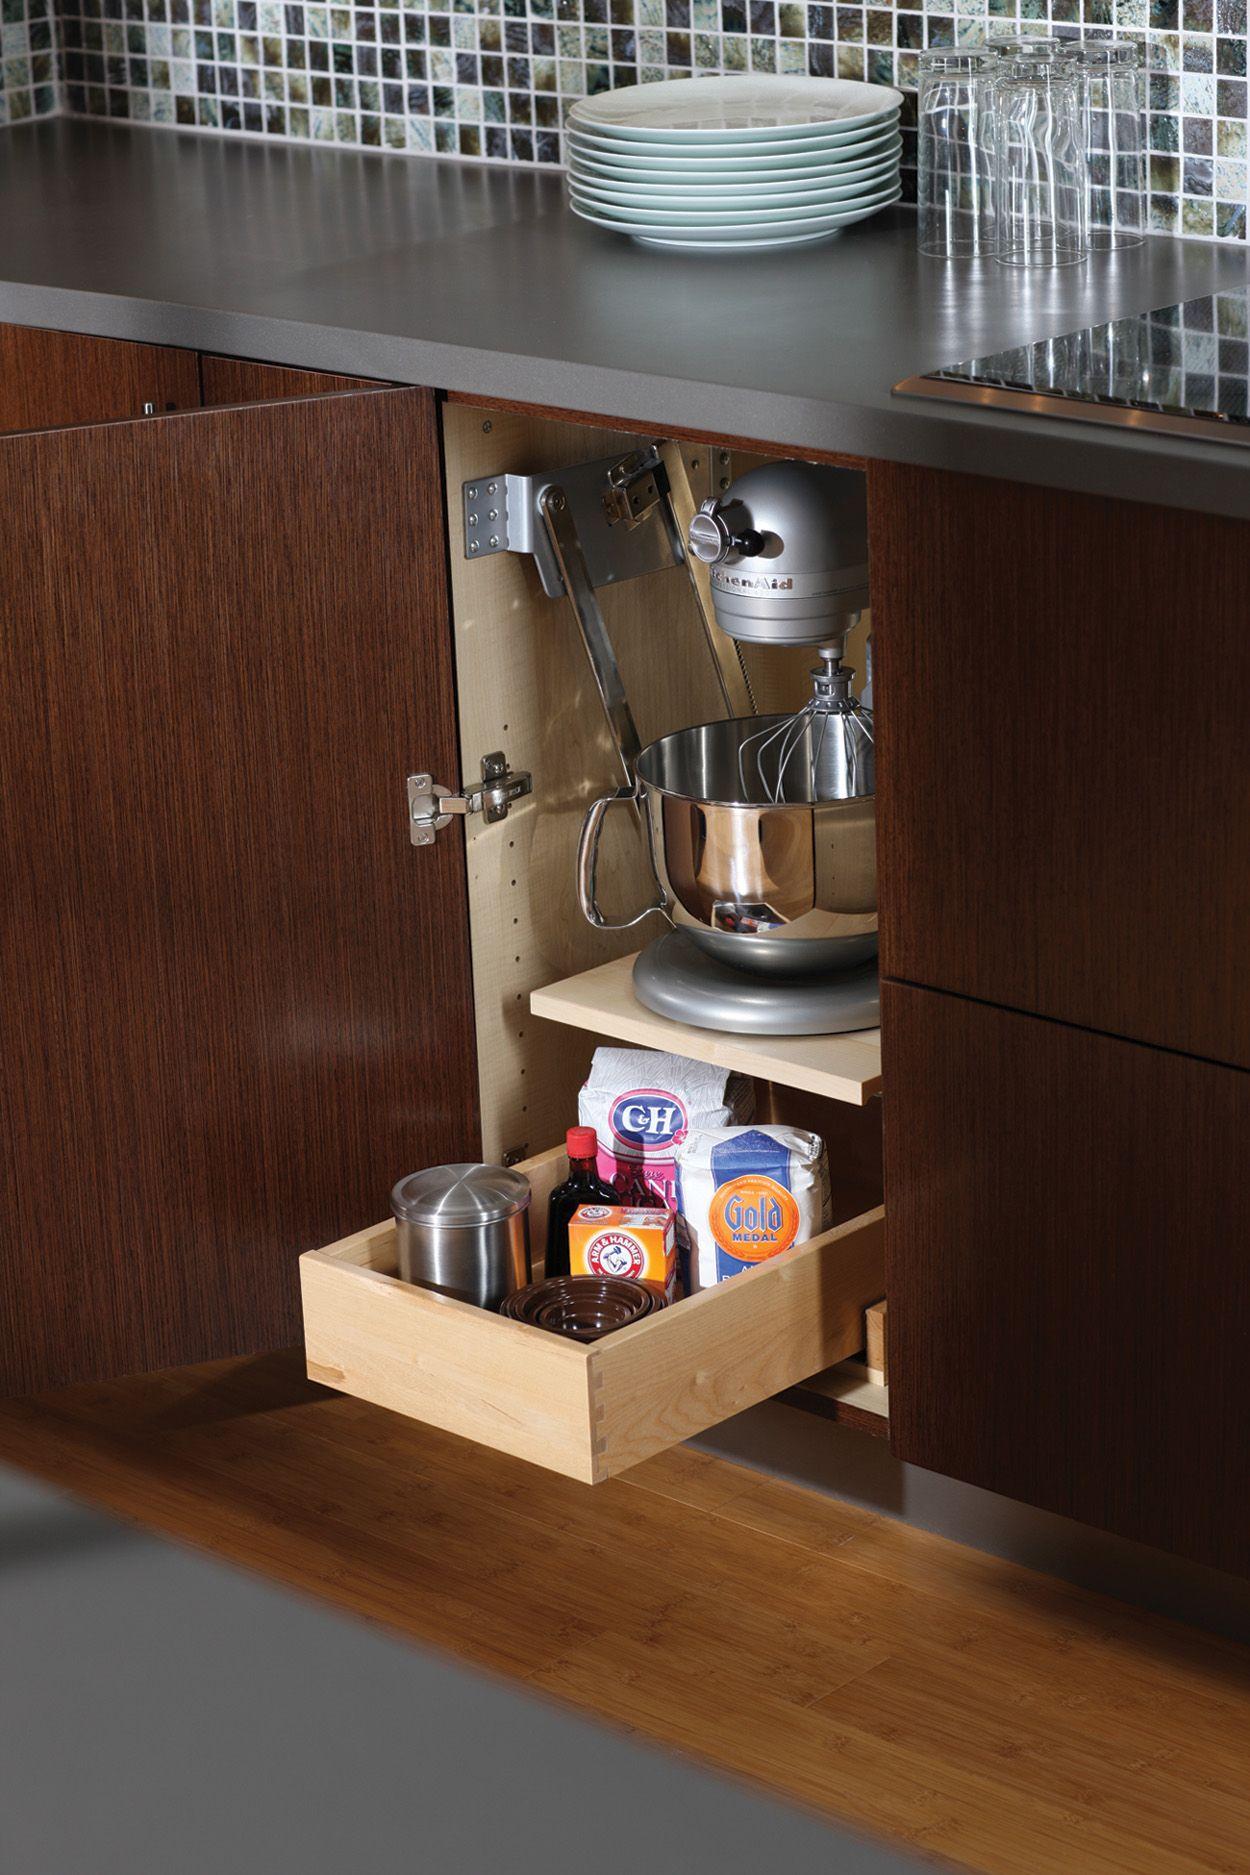 Kitchen Appliance Cabinets A Kitchenaid Mixer Or Other Heavy Kitchen Appliance Can Kitchen Cabinet Accessories Kitchen Cabinet Storage Solutions